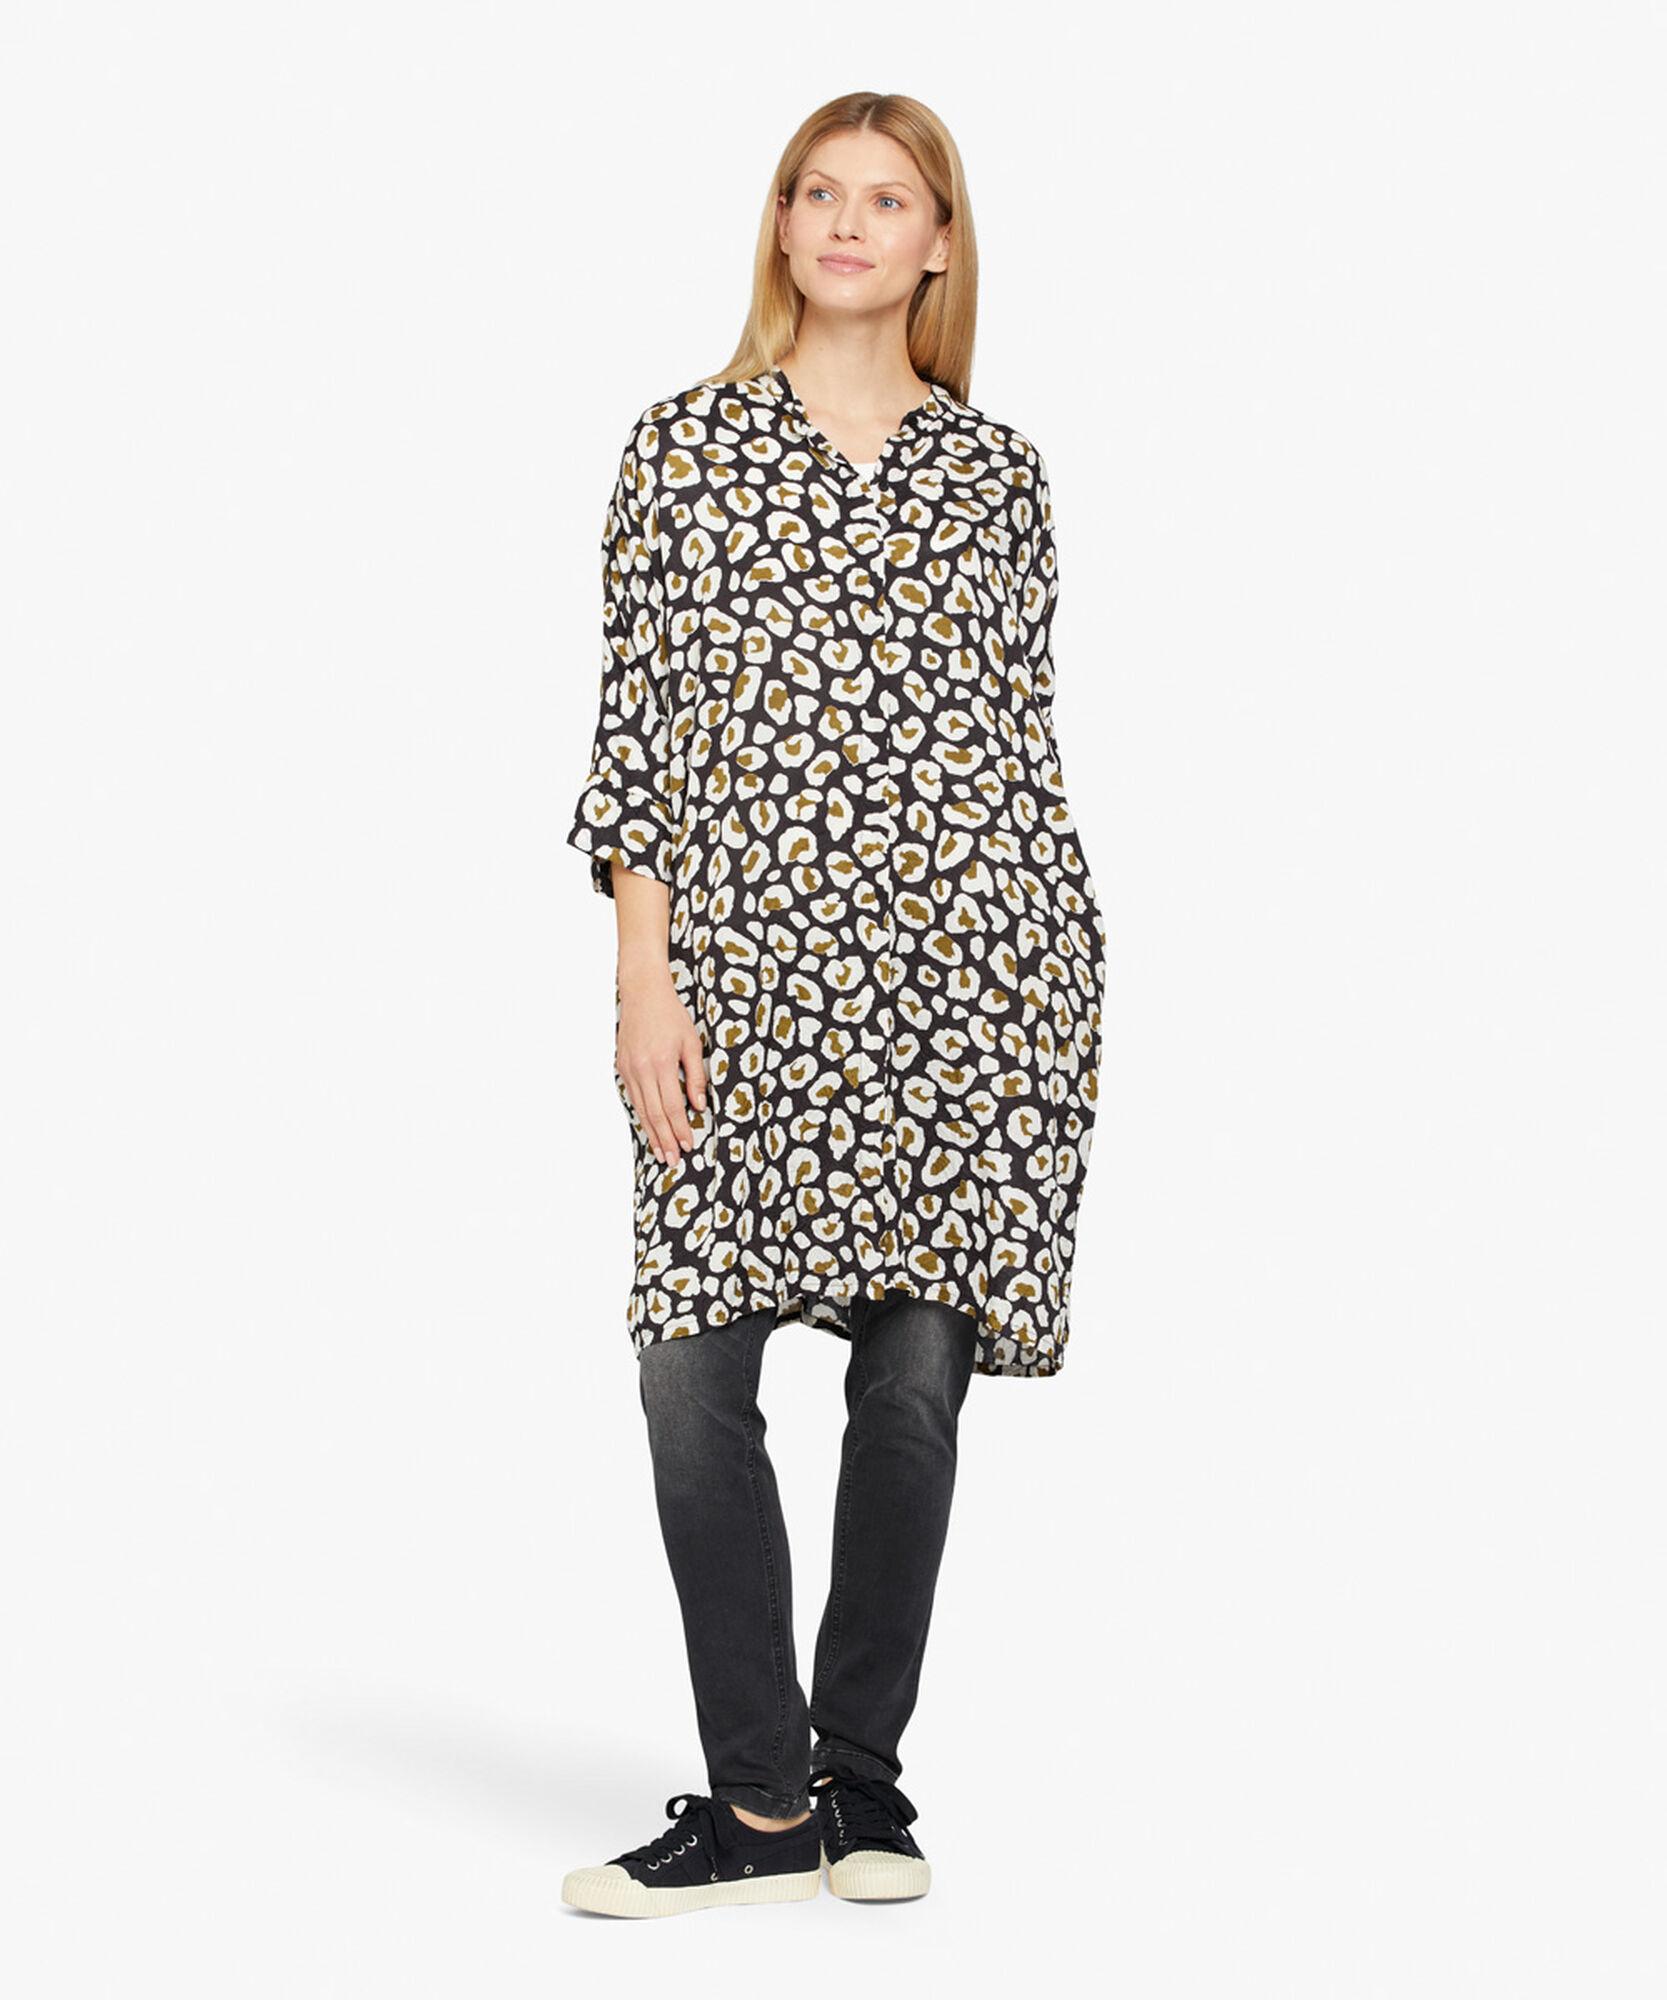 IOSETTA SHIRT DRESS, Beech, hi-res